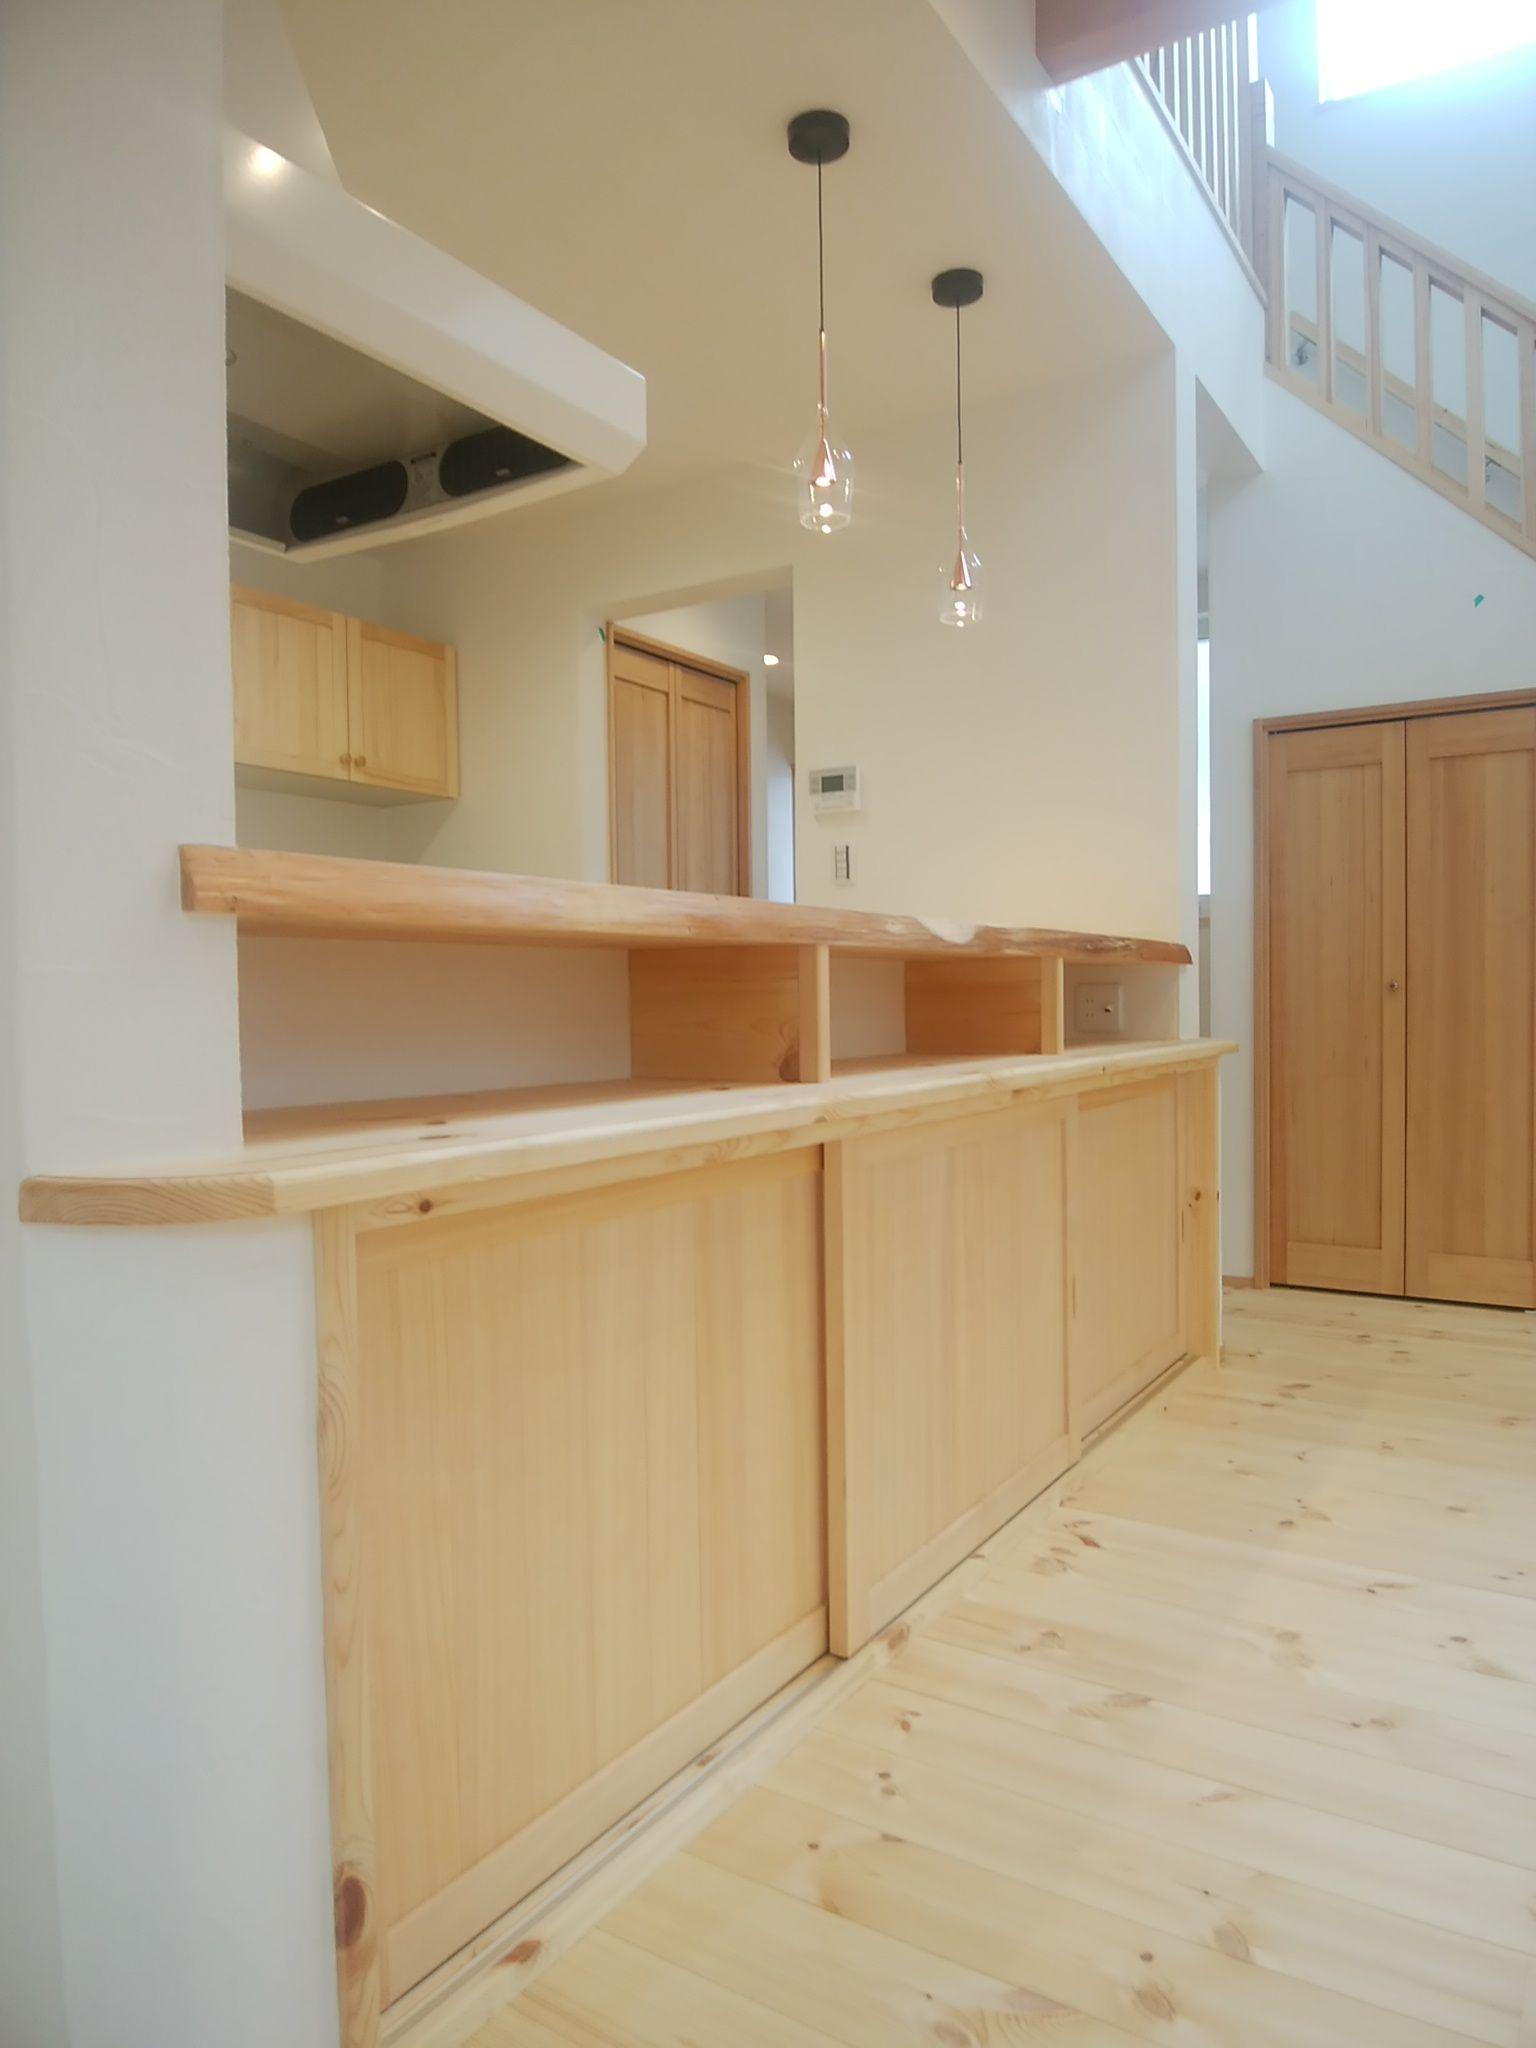 暮らしに合わせ変化する置き畳のある家 インテリア 収納 カウンターキッチン レイアウト 自宅で